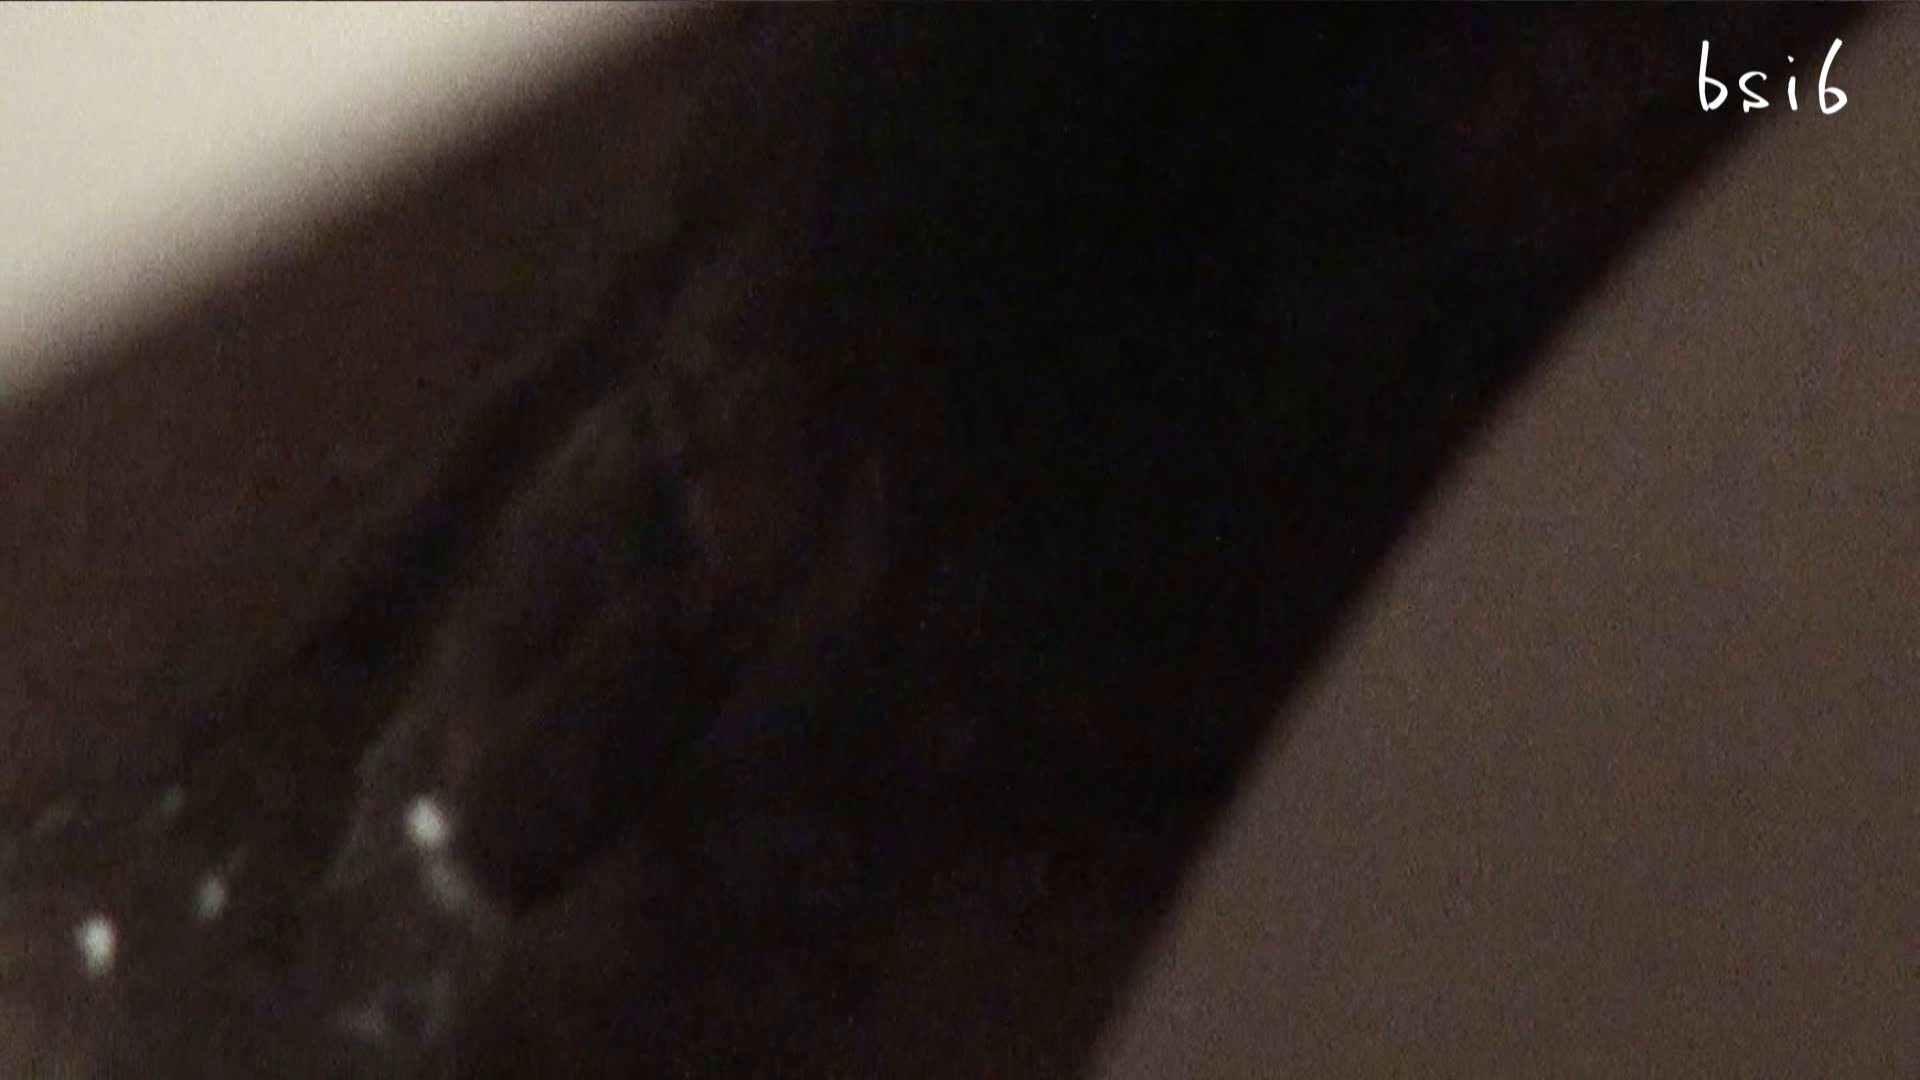 至高下半身盗撮-PREMIUM-【院内病棟編 】 vol.06 盗撮師作品  69pic 60